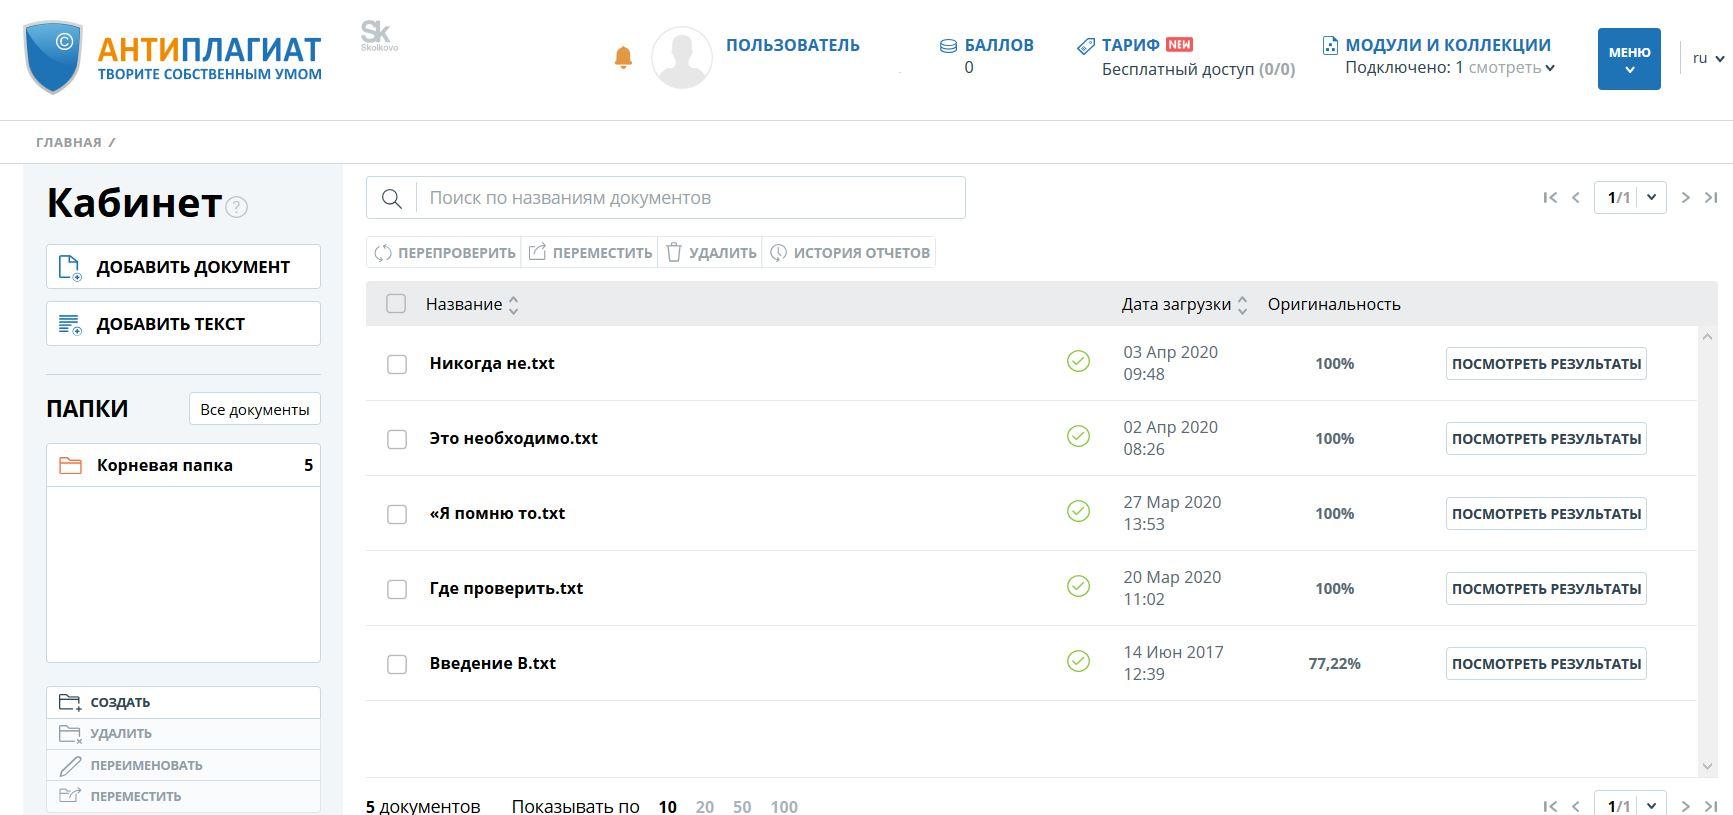 отзыв о сайте антиплагиат ру